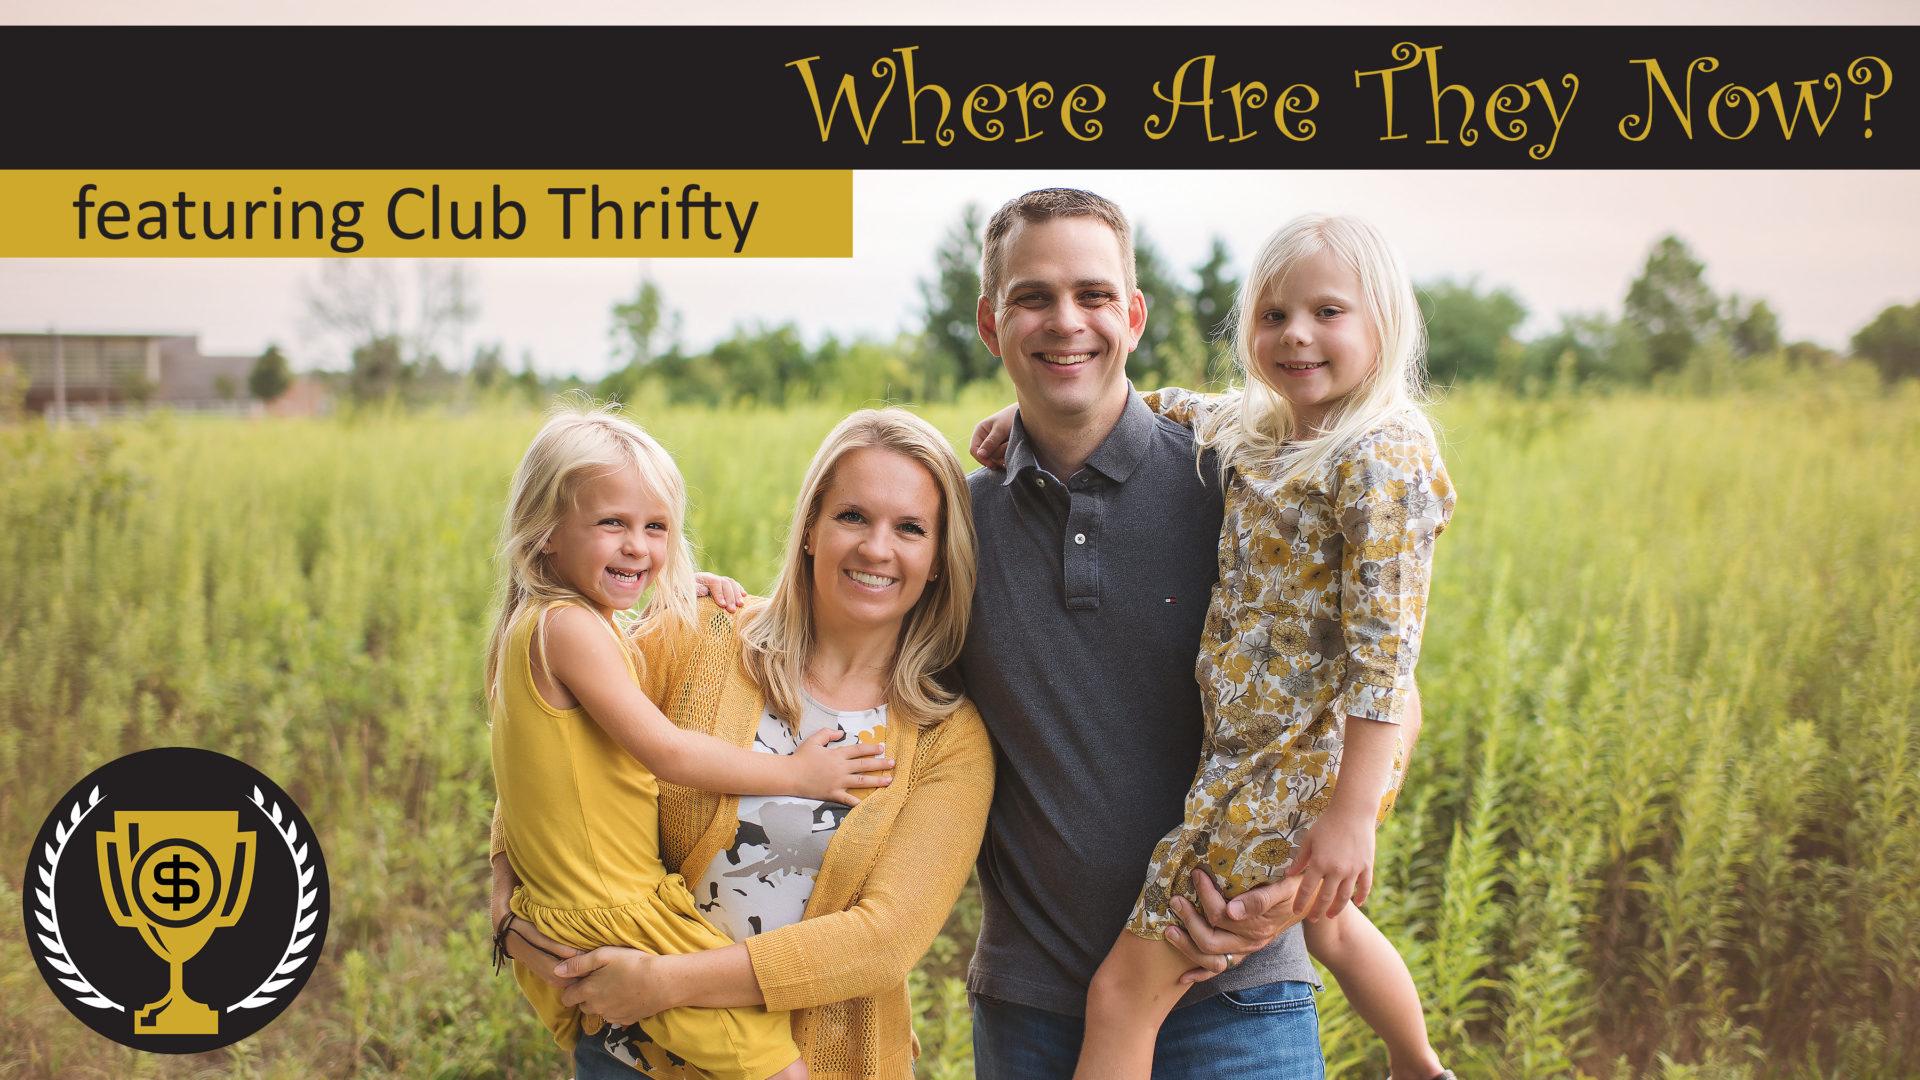 Club Thrifty